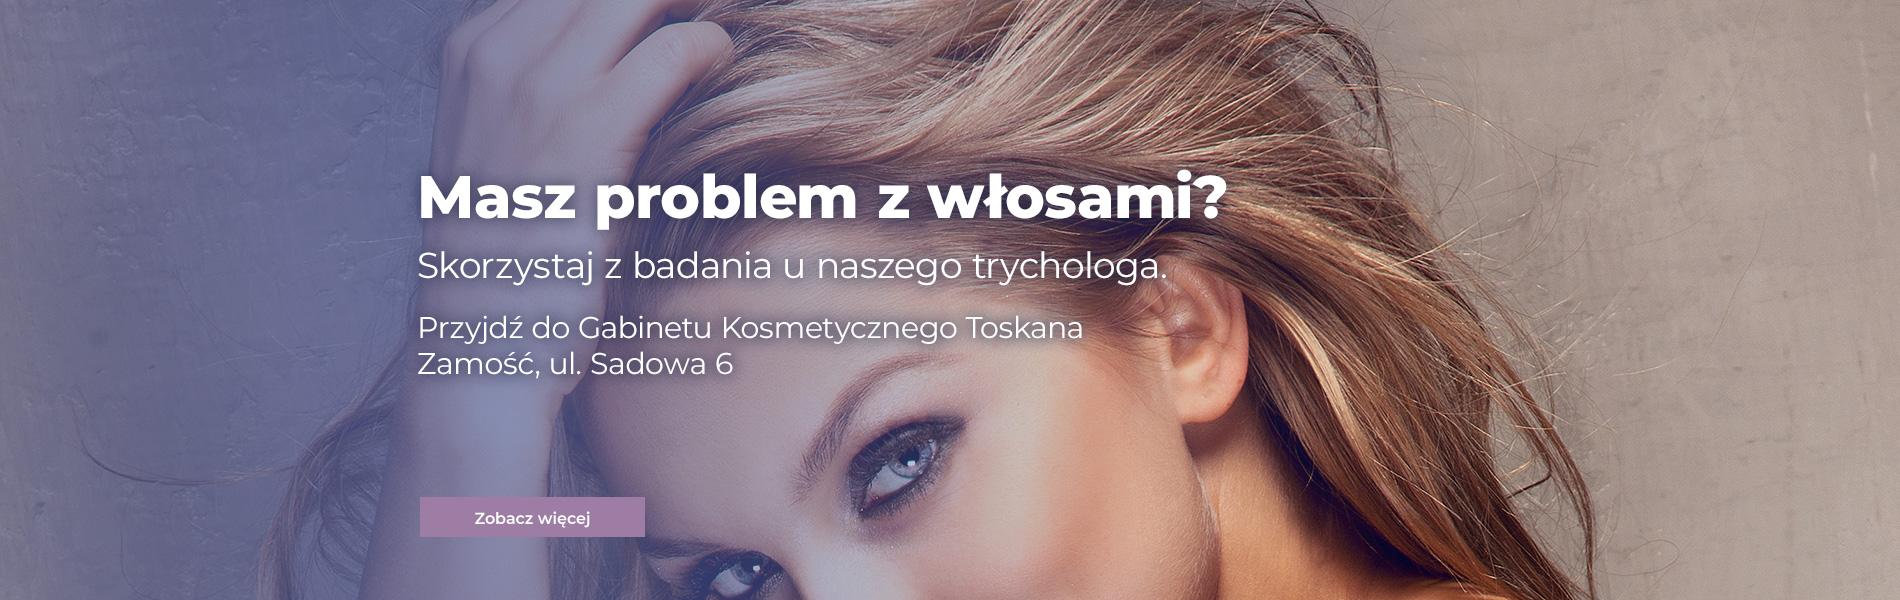 top-promo2a